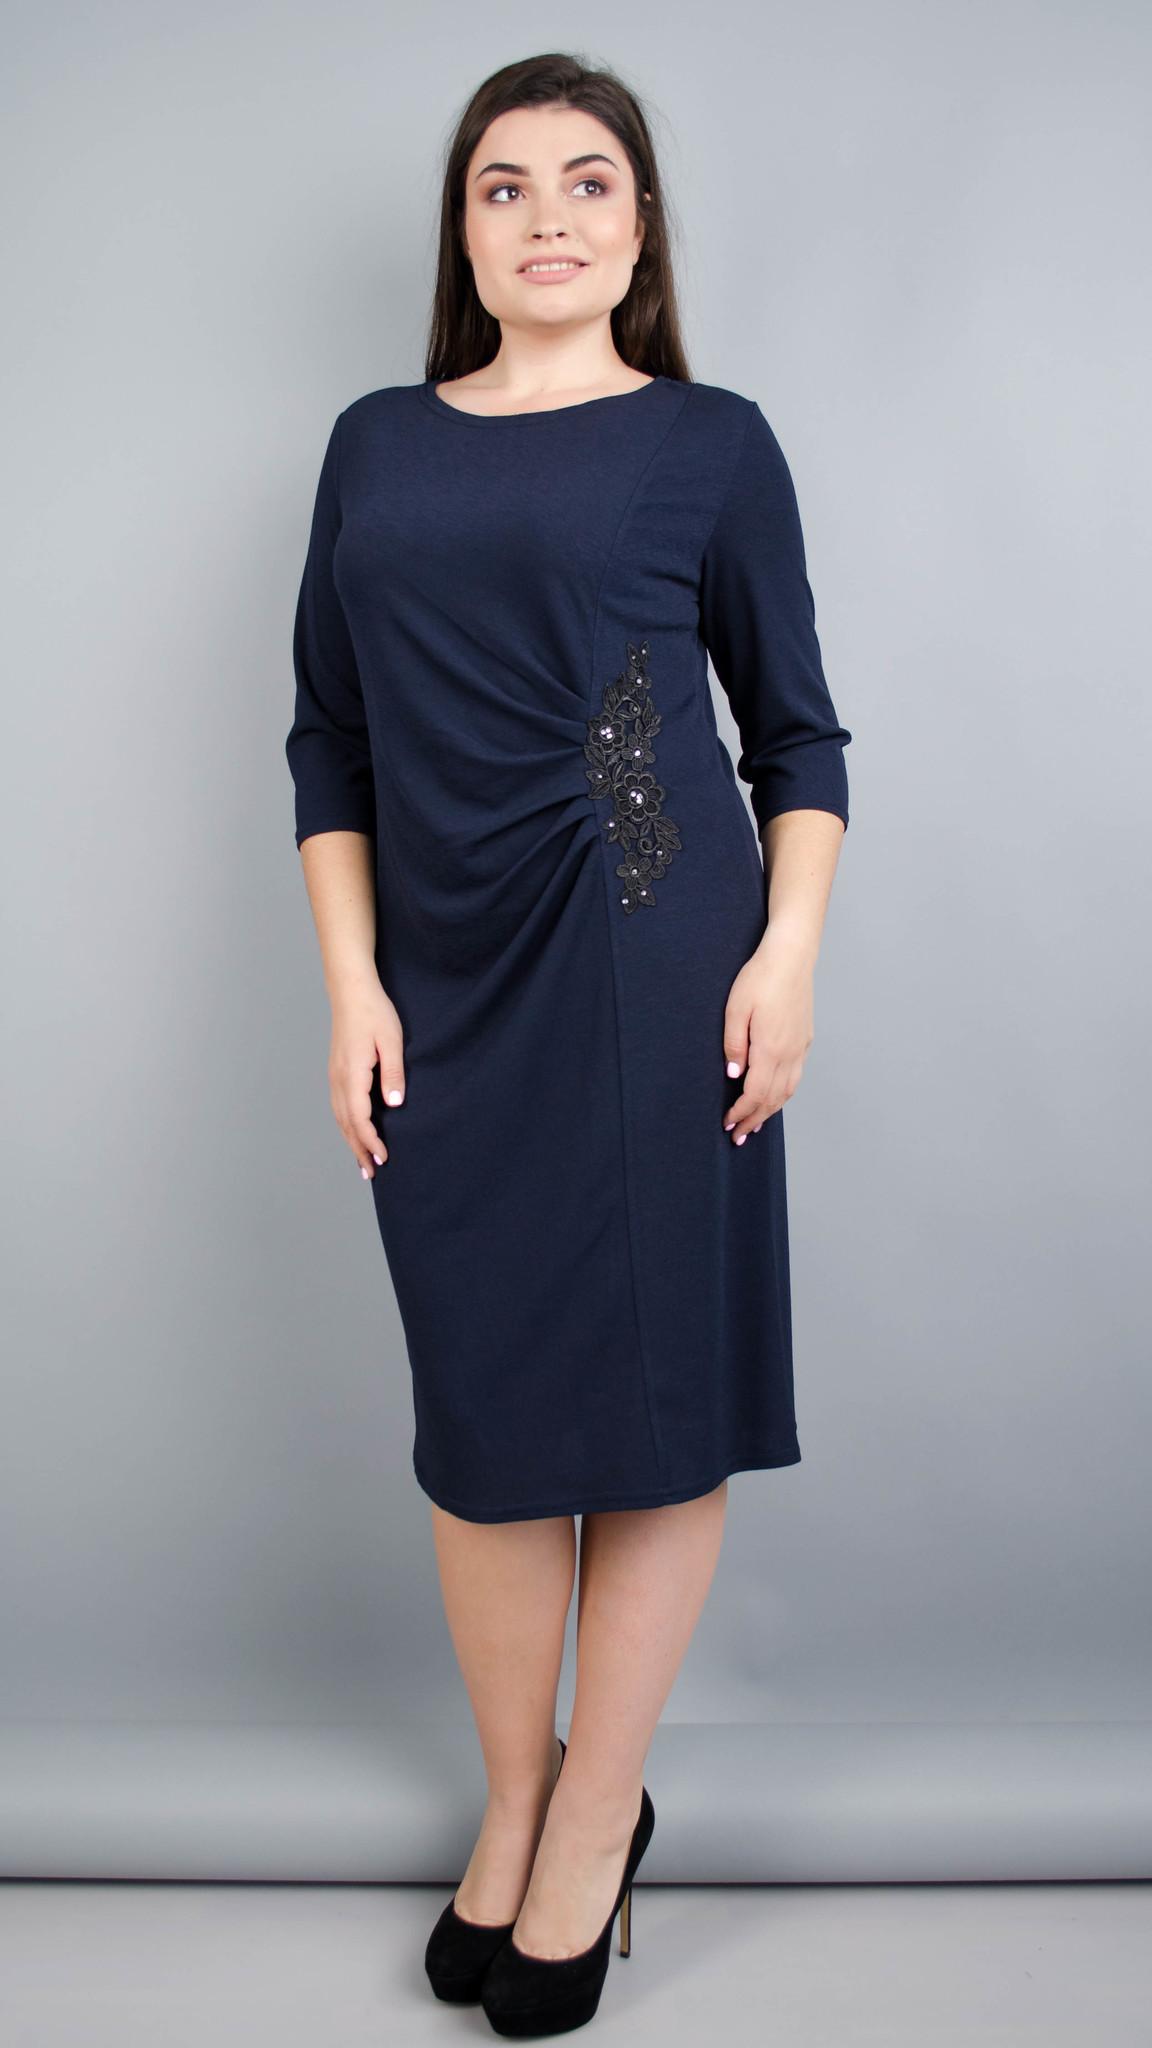 Тейлор. Гарна жіноча сукня плюс сайз. Синій.